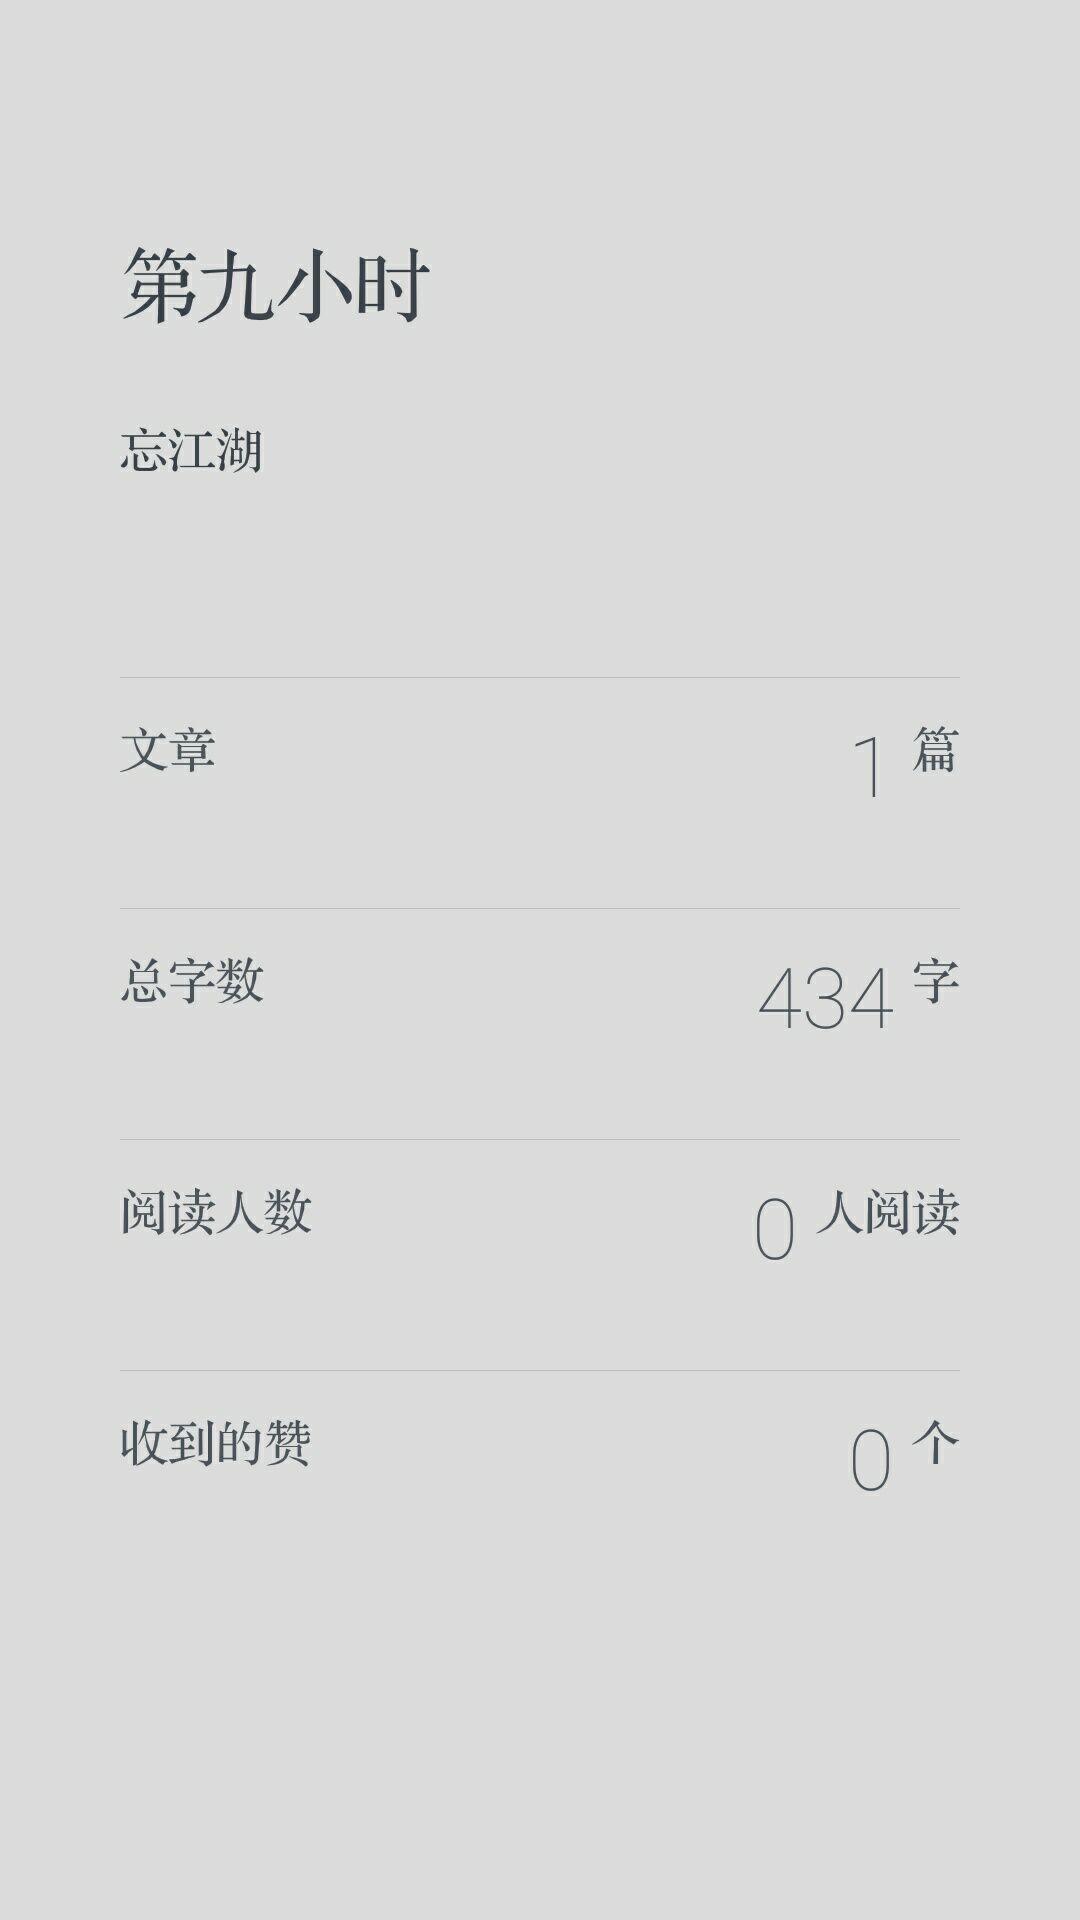 QQ图片20161127111344